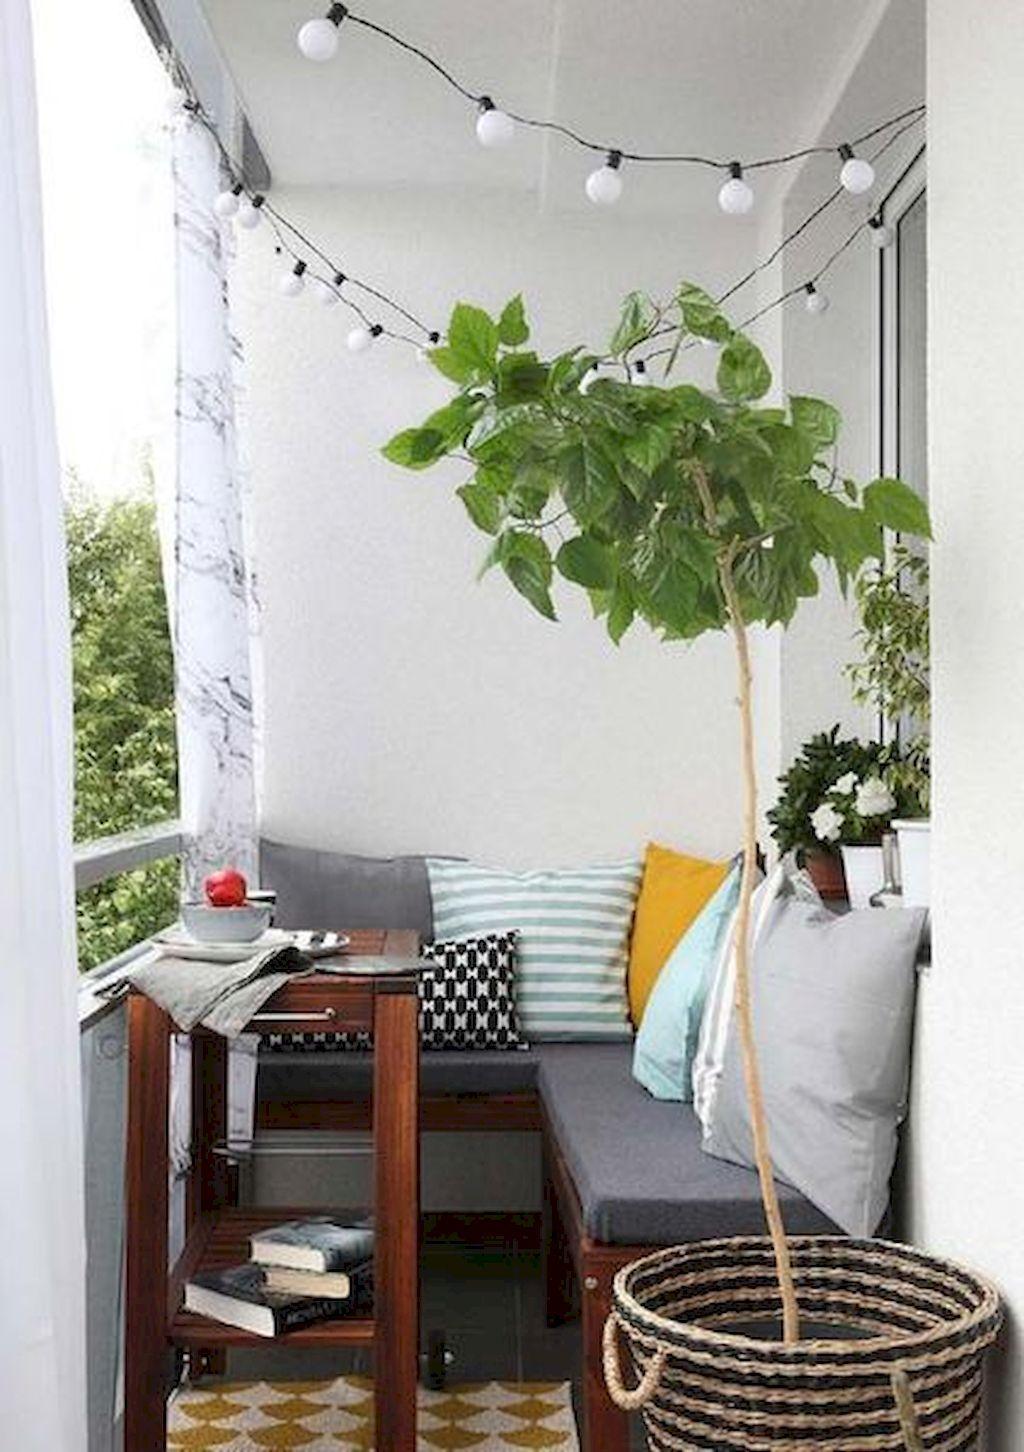 50 Small Apartment Balcony Decorating Ideas